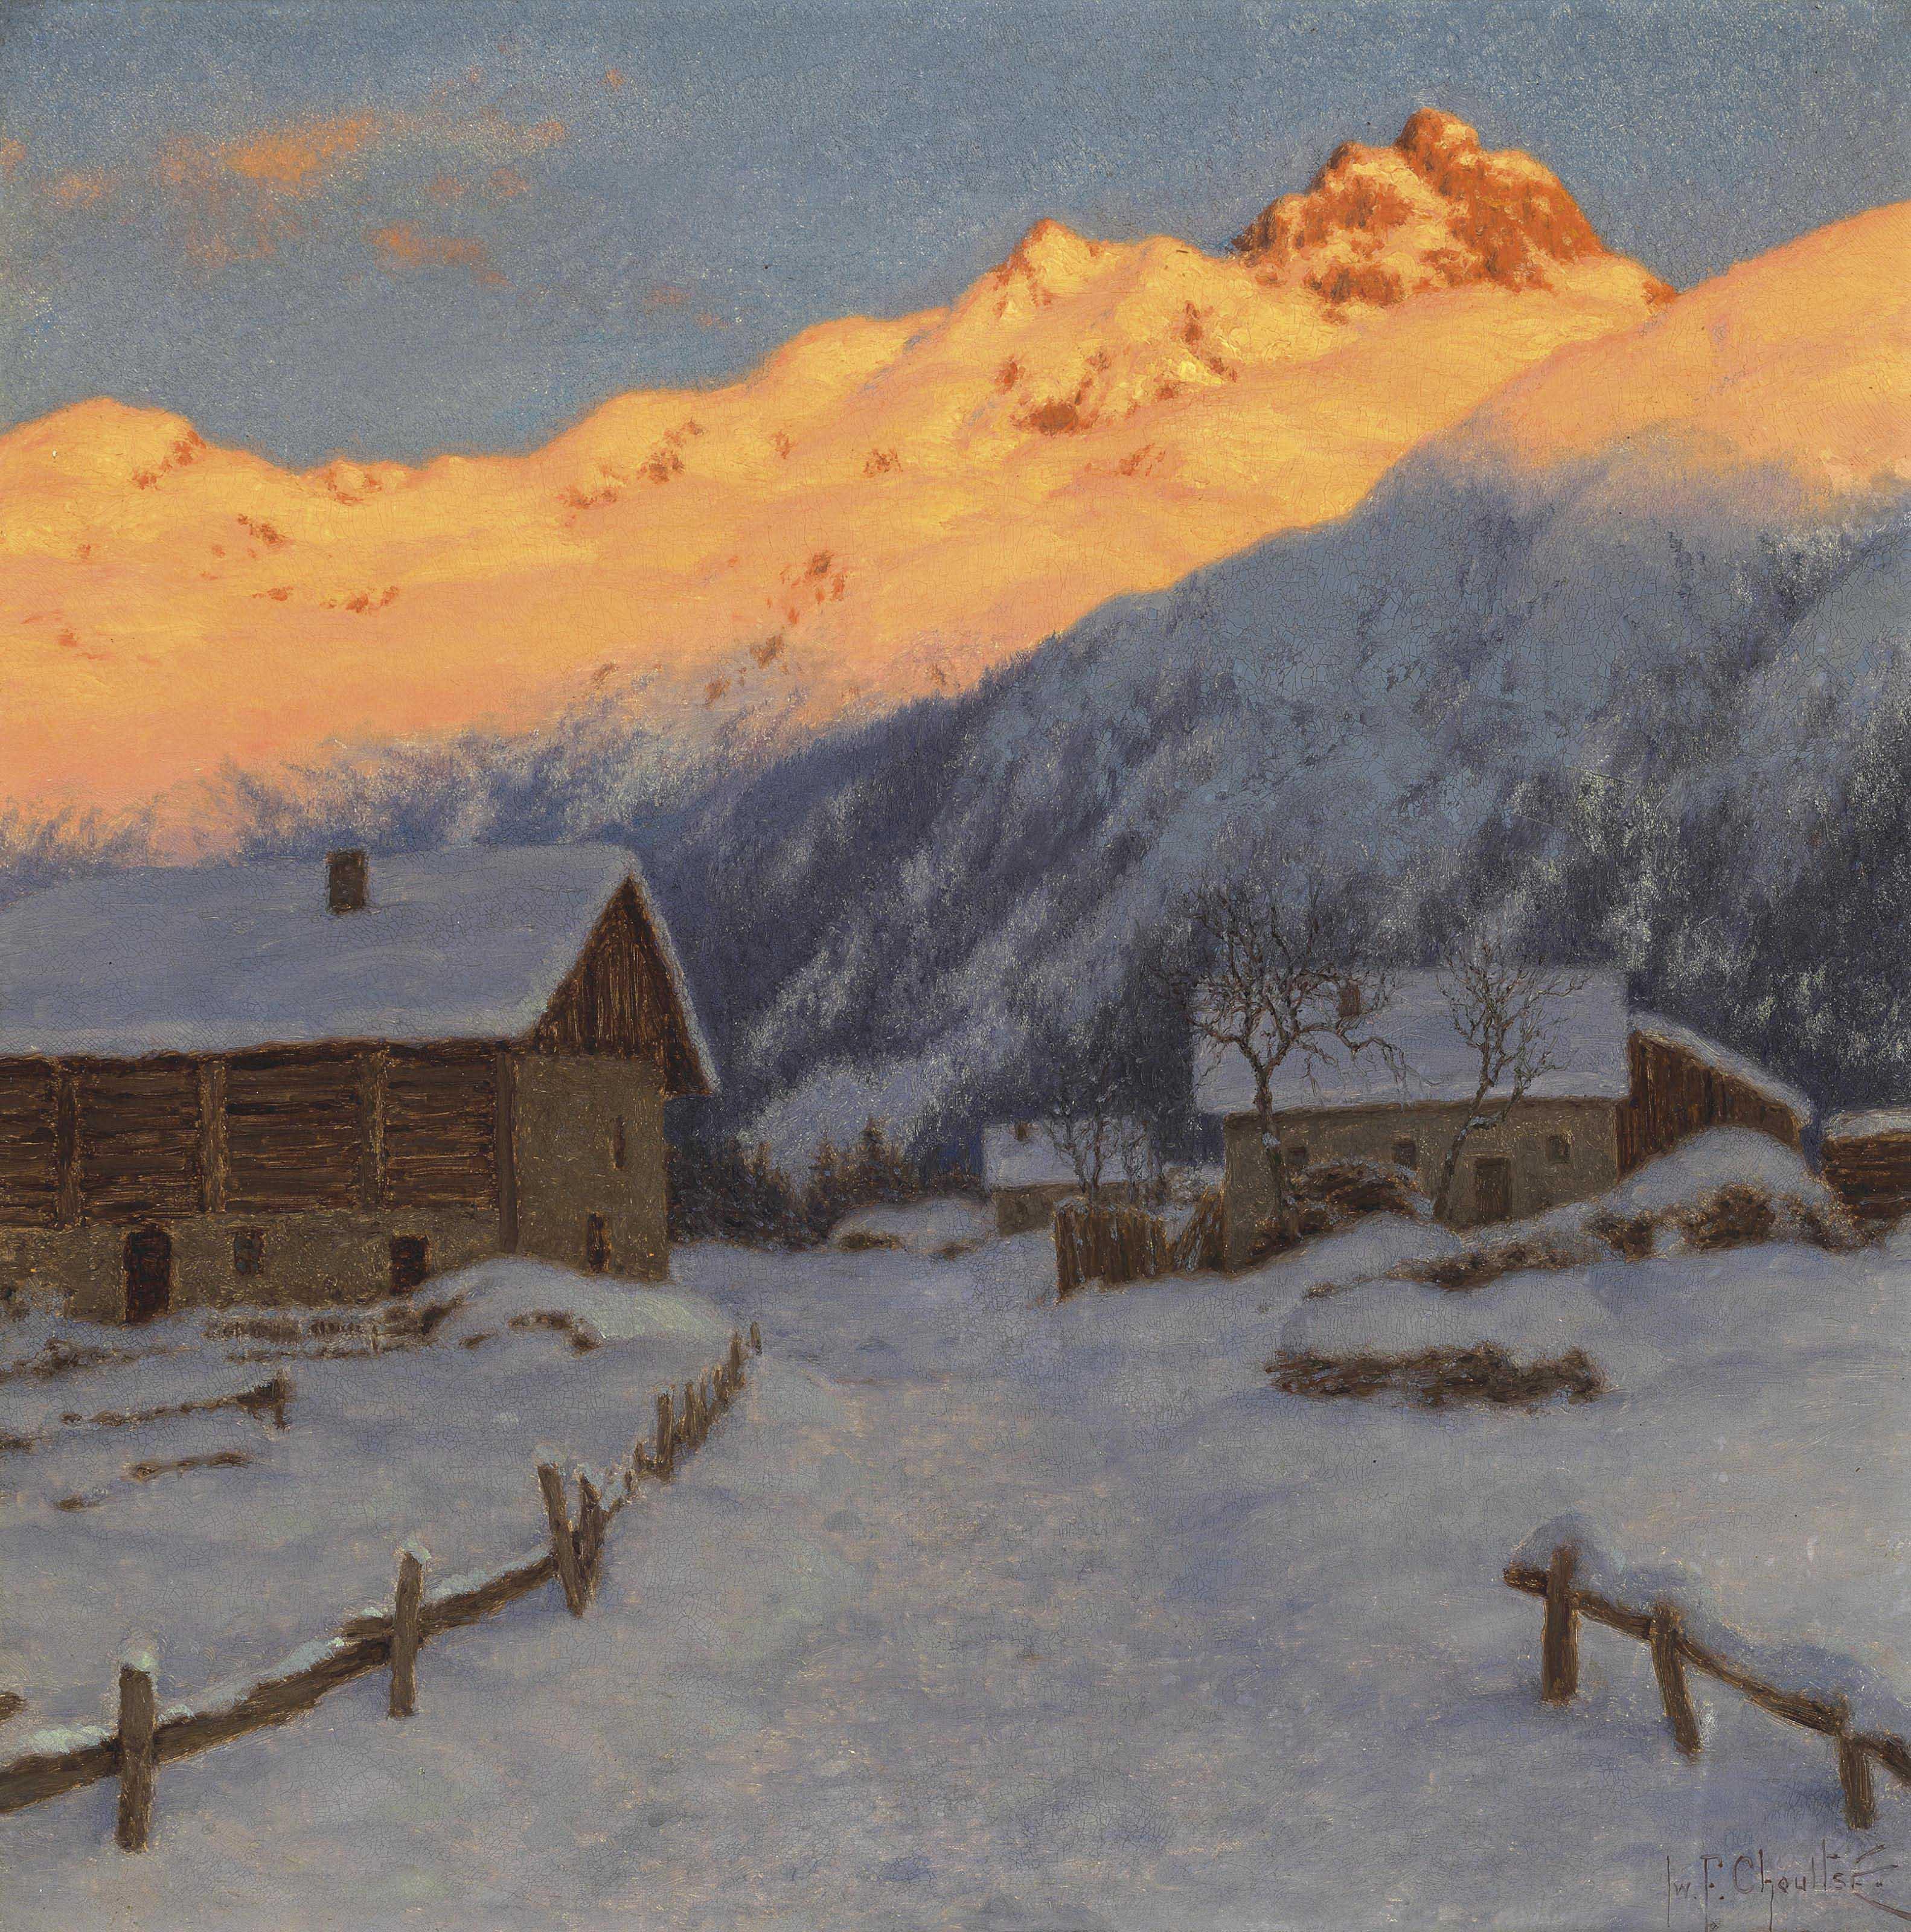 Evening on the mountain, Haute-Savoie